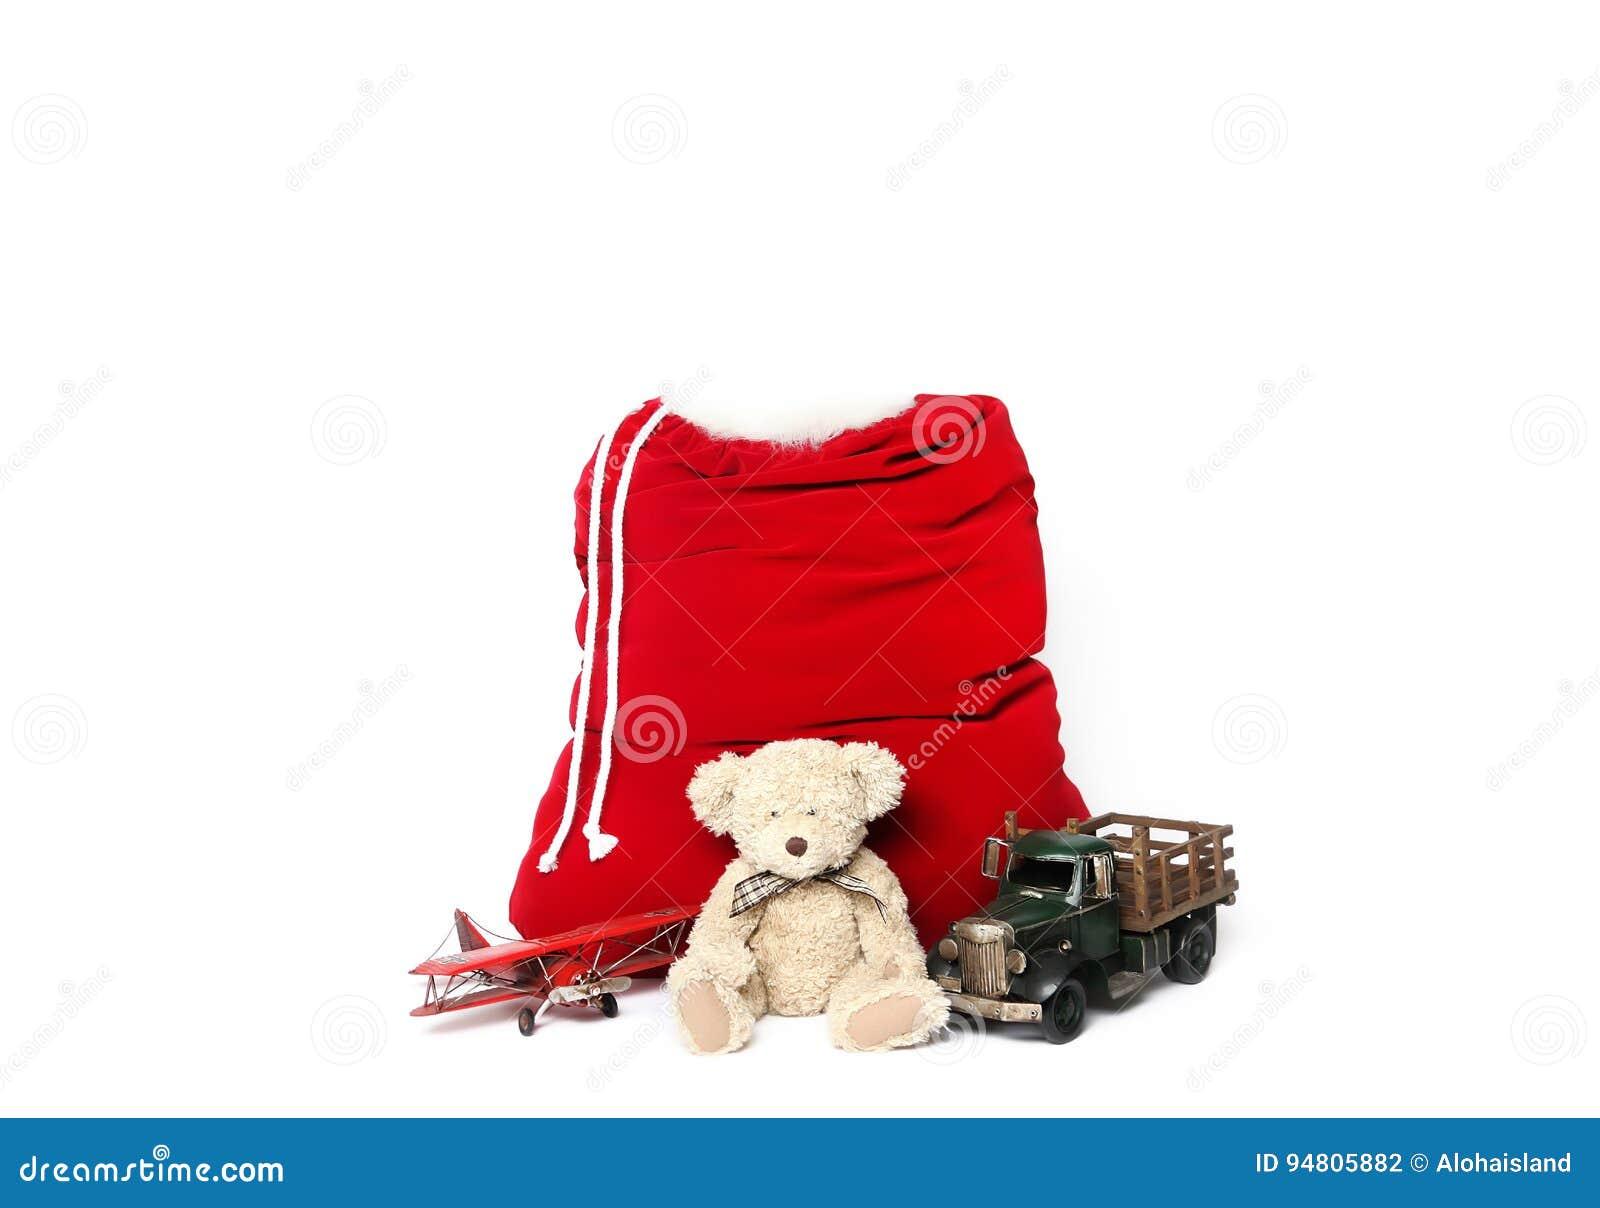 Bakgrund för Digitalt fotografi av isolerade Santa Christmas Holiday Bag